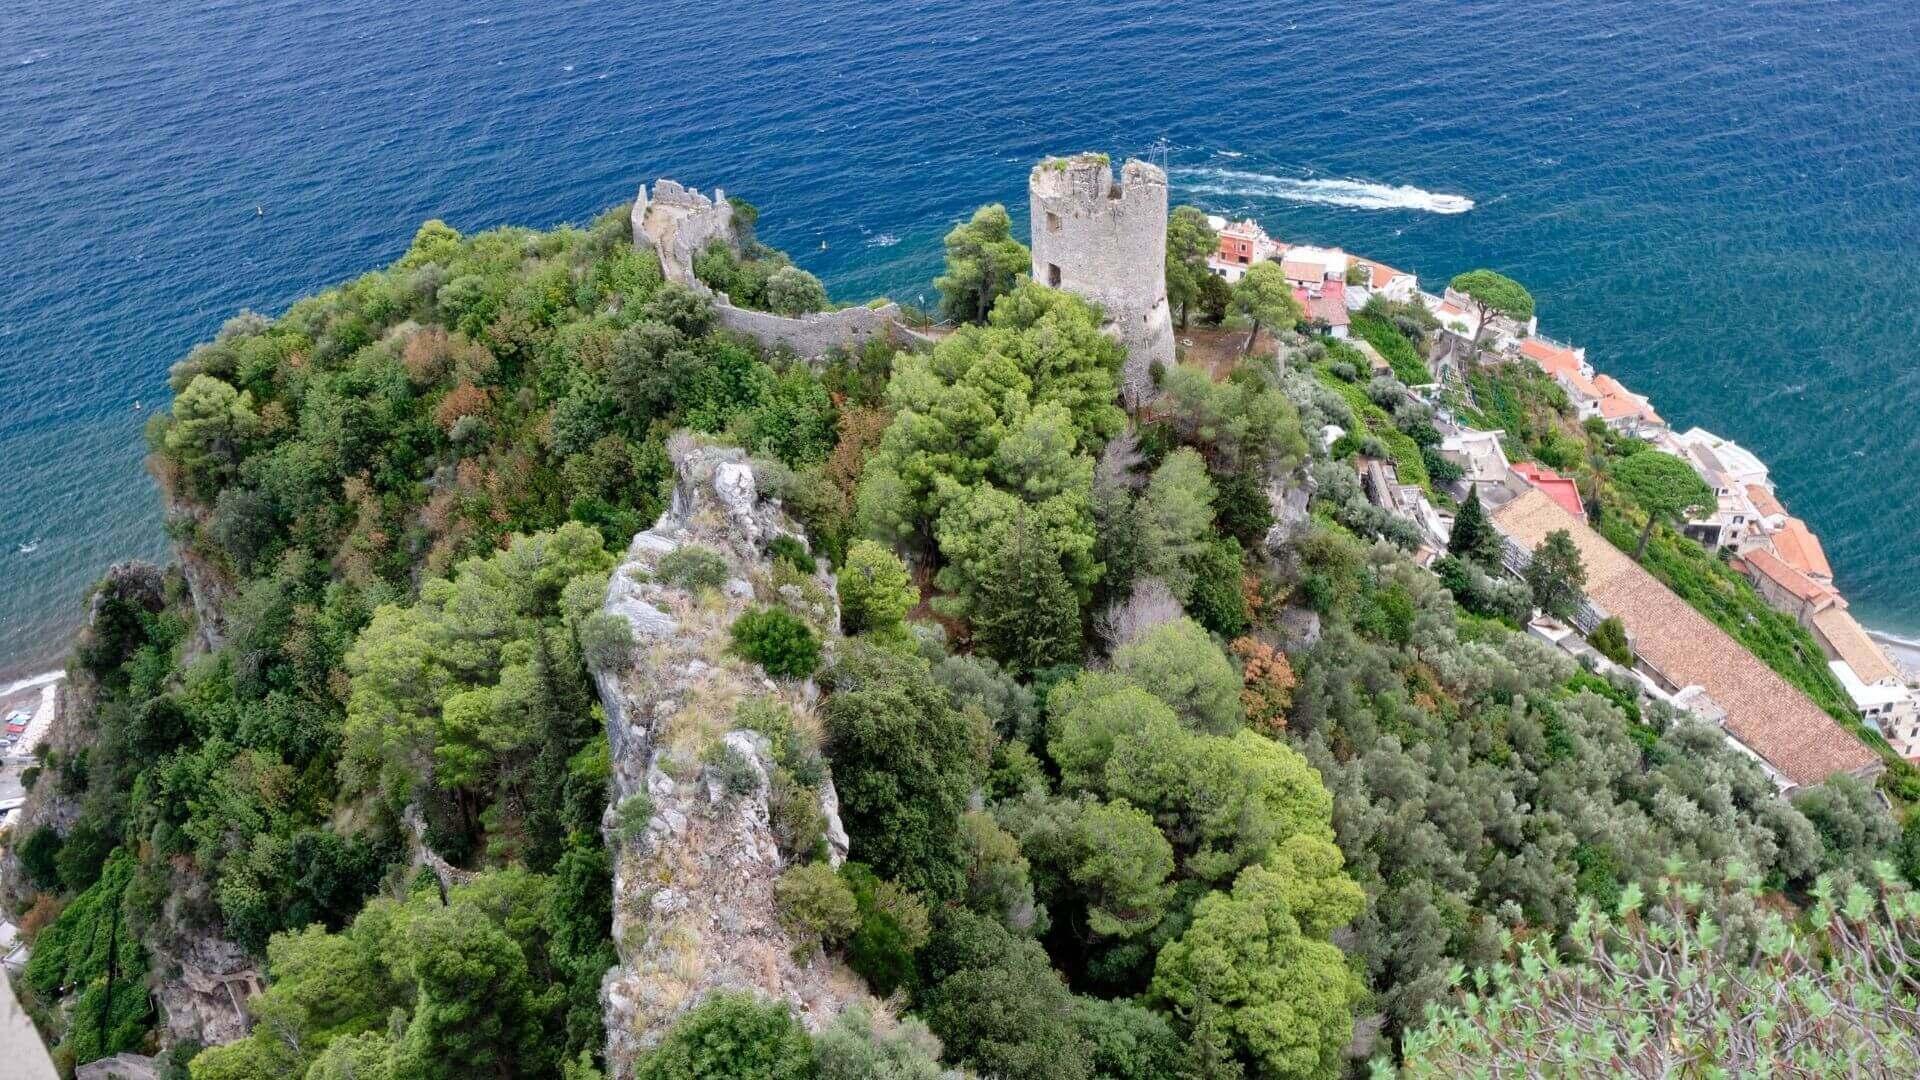 La Torre dello Ziro a picco sul mare